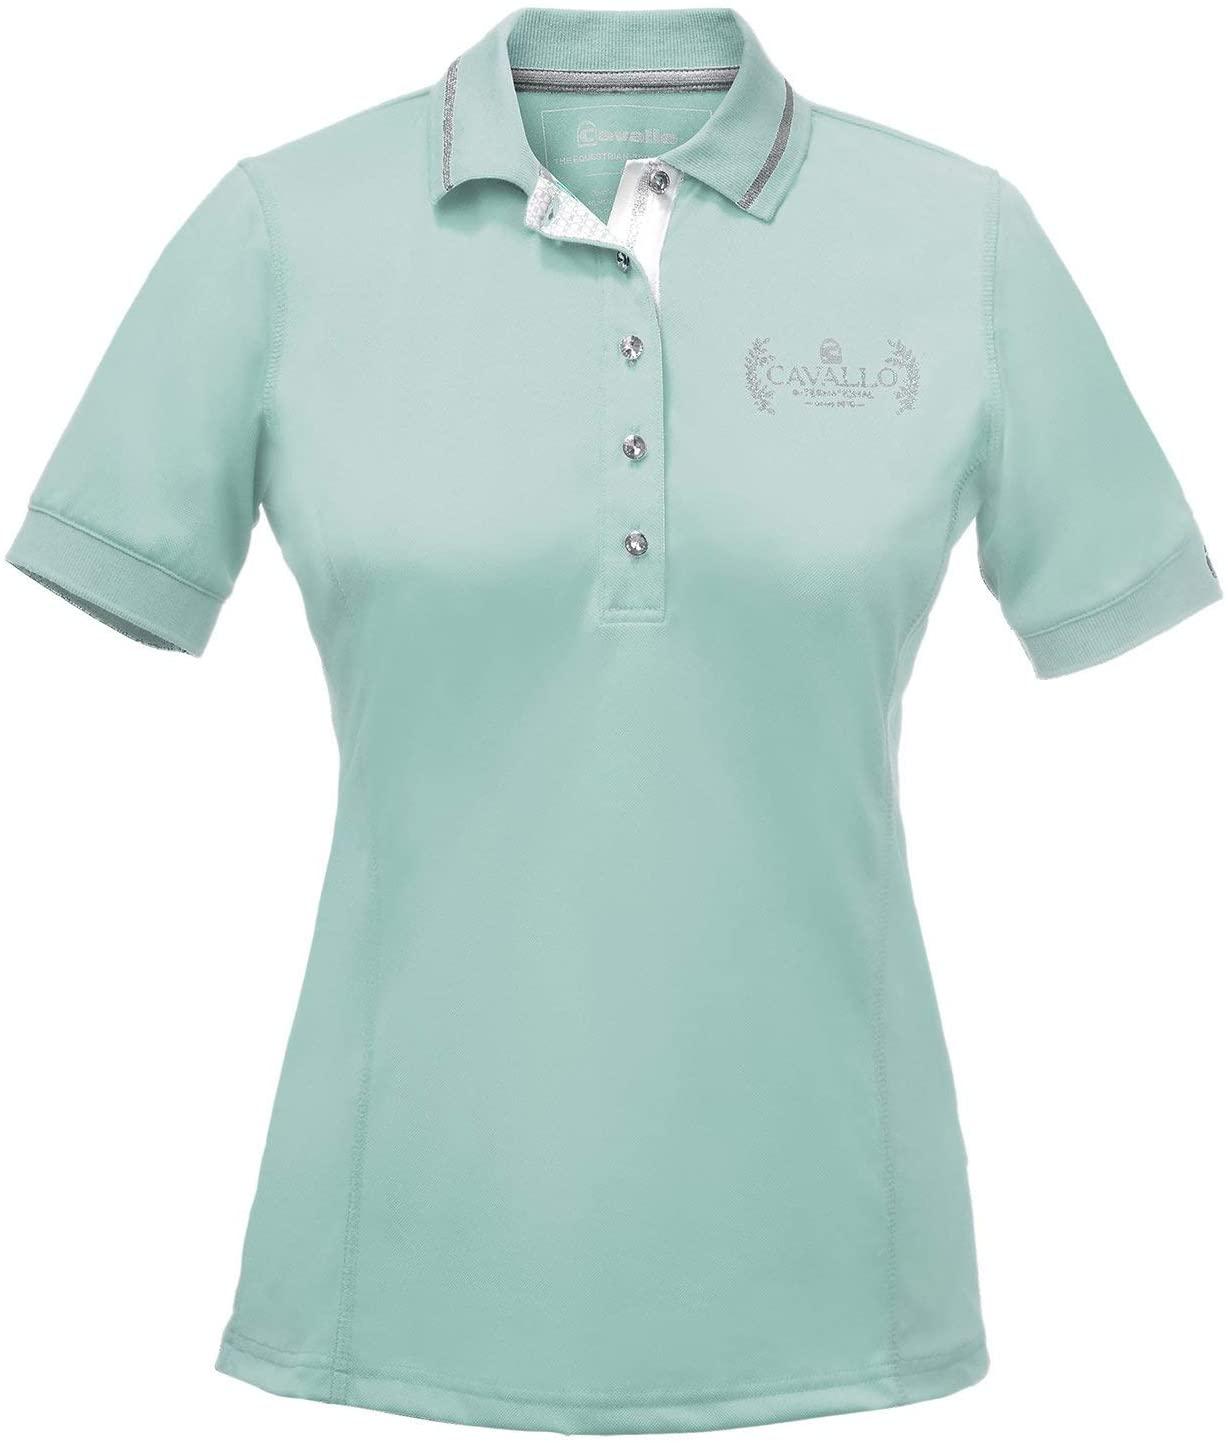 Cavallo Monique Polo Shirt Top